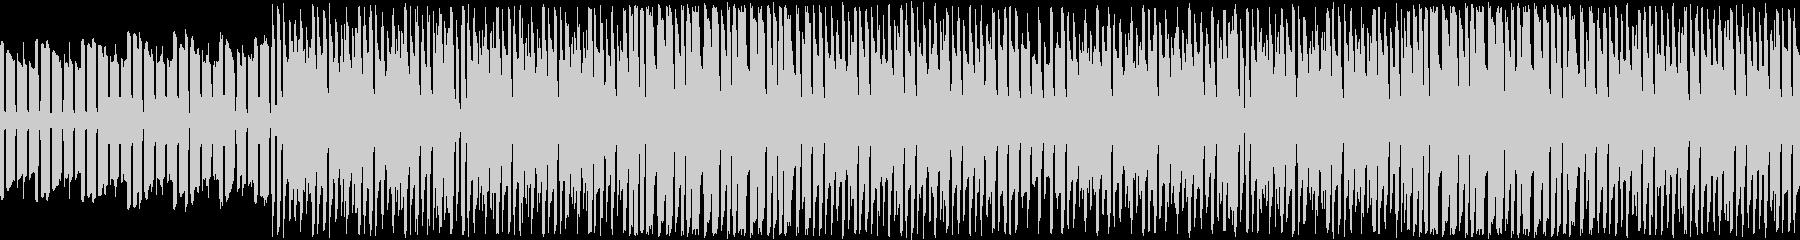 ピコピコゆるふわほのぼのゲームBGMの未再生の波形